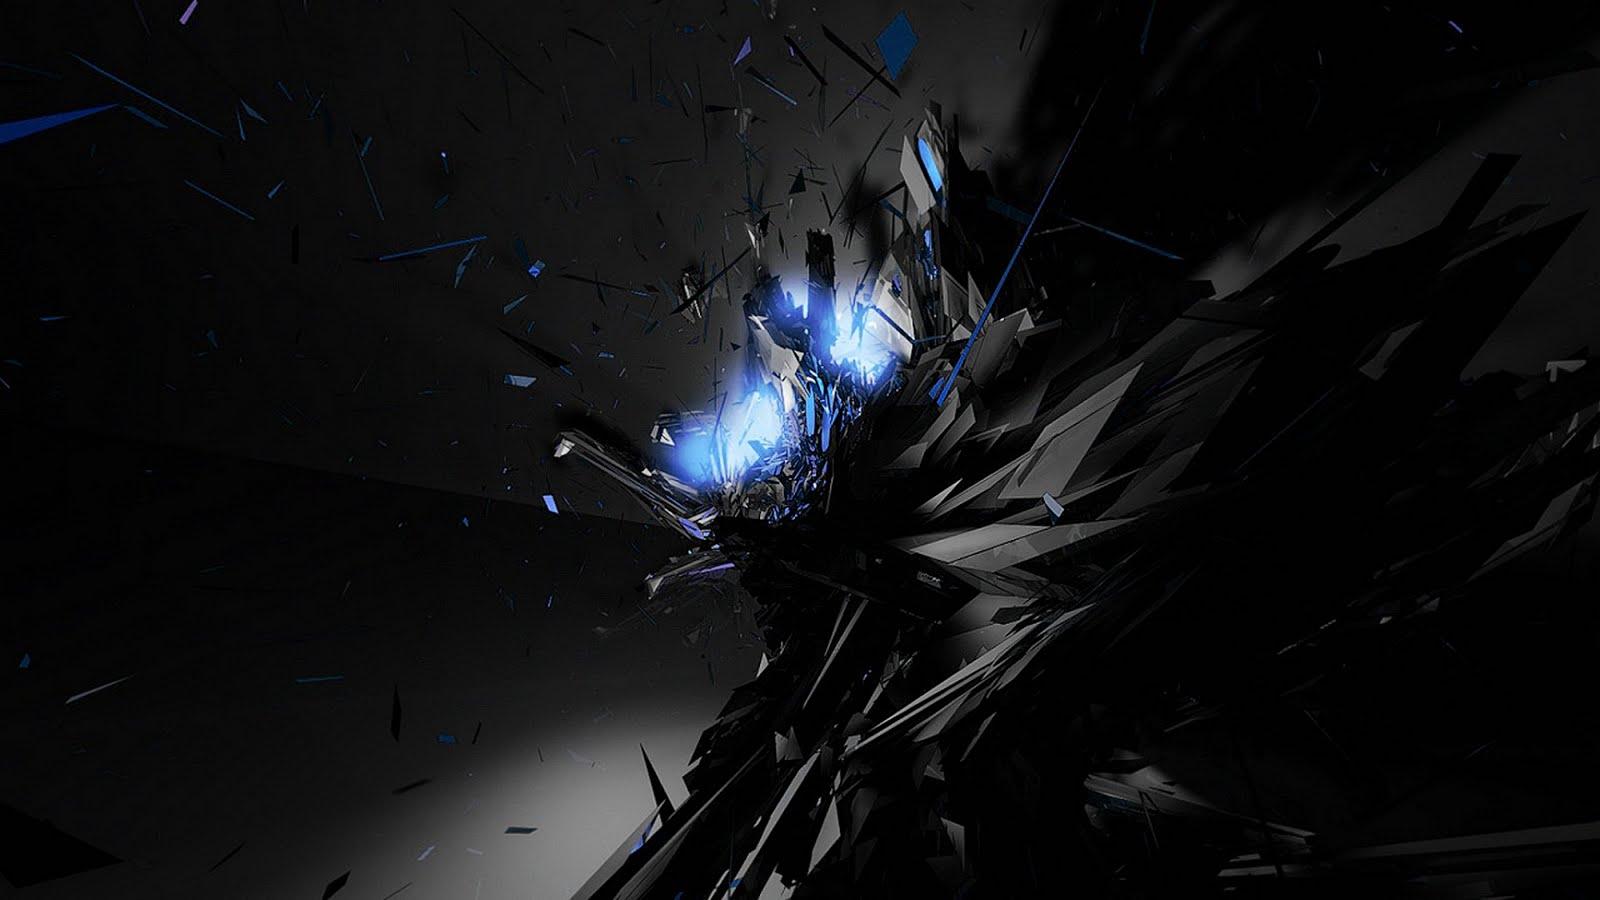 http://4.bp.blogspot.com/_EQKlgPvurNc/S7YhUuCpCRI/AAAAAAAAAf8/896GqH6DqcM/s1600/wallpaper-494713.jpg